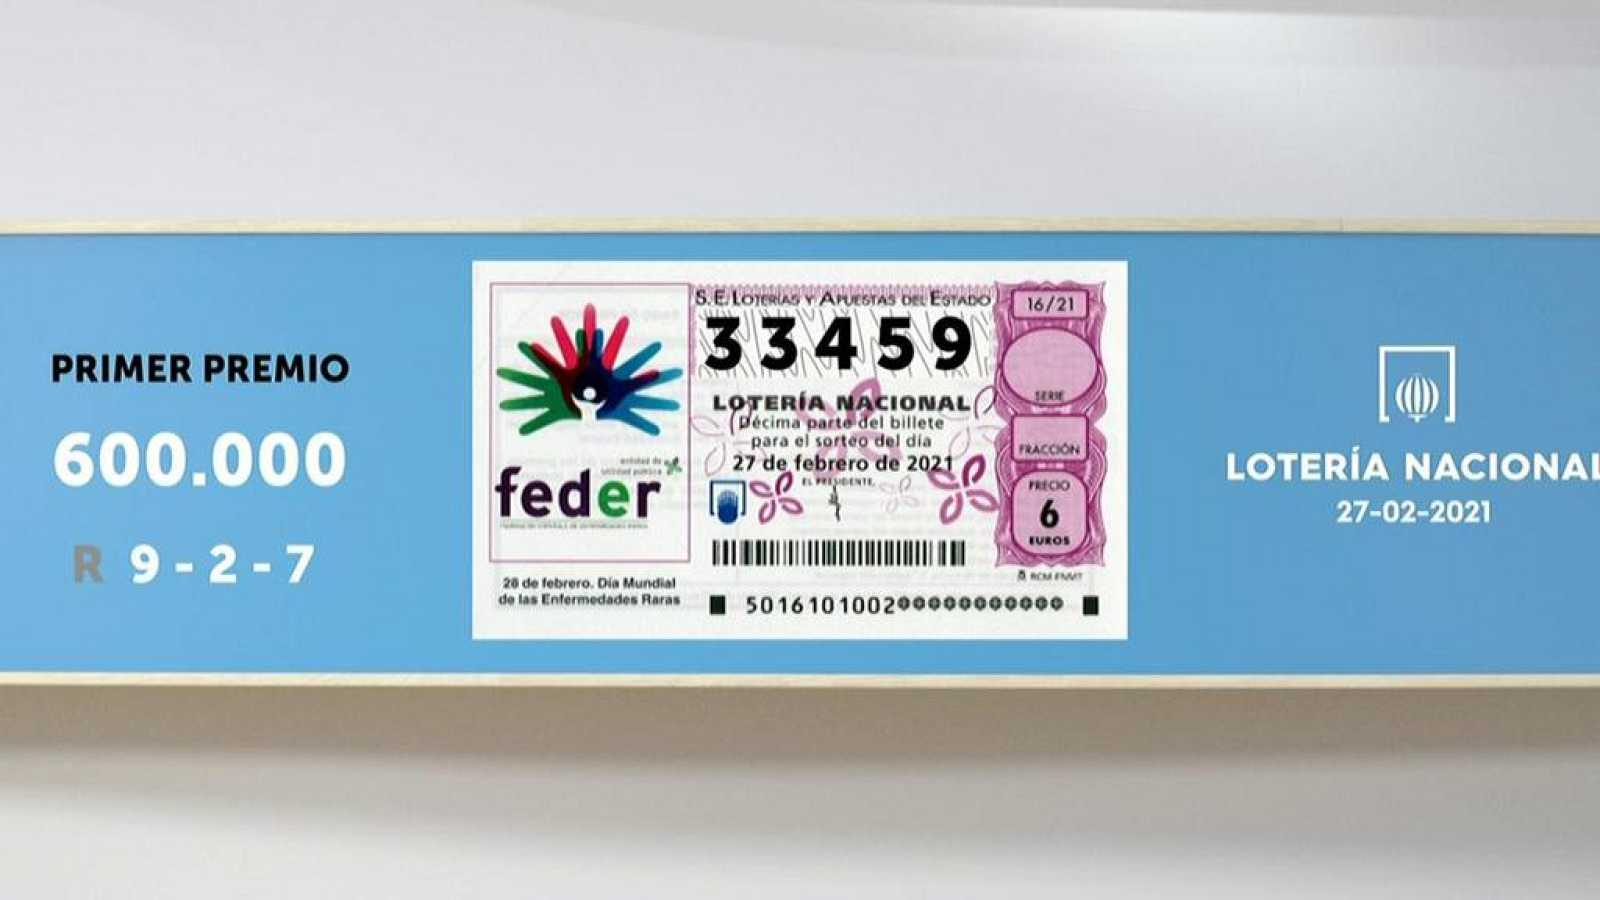 Sorteo De La Lotería Nacional 27 02 2021